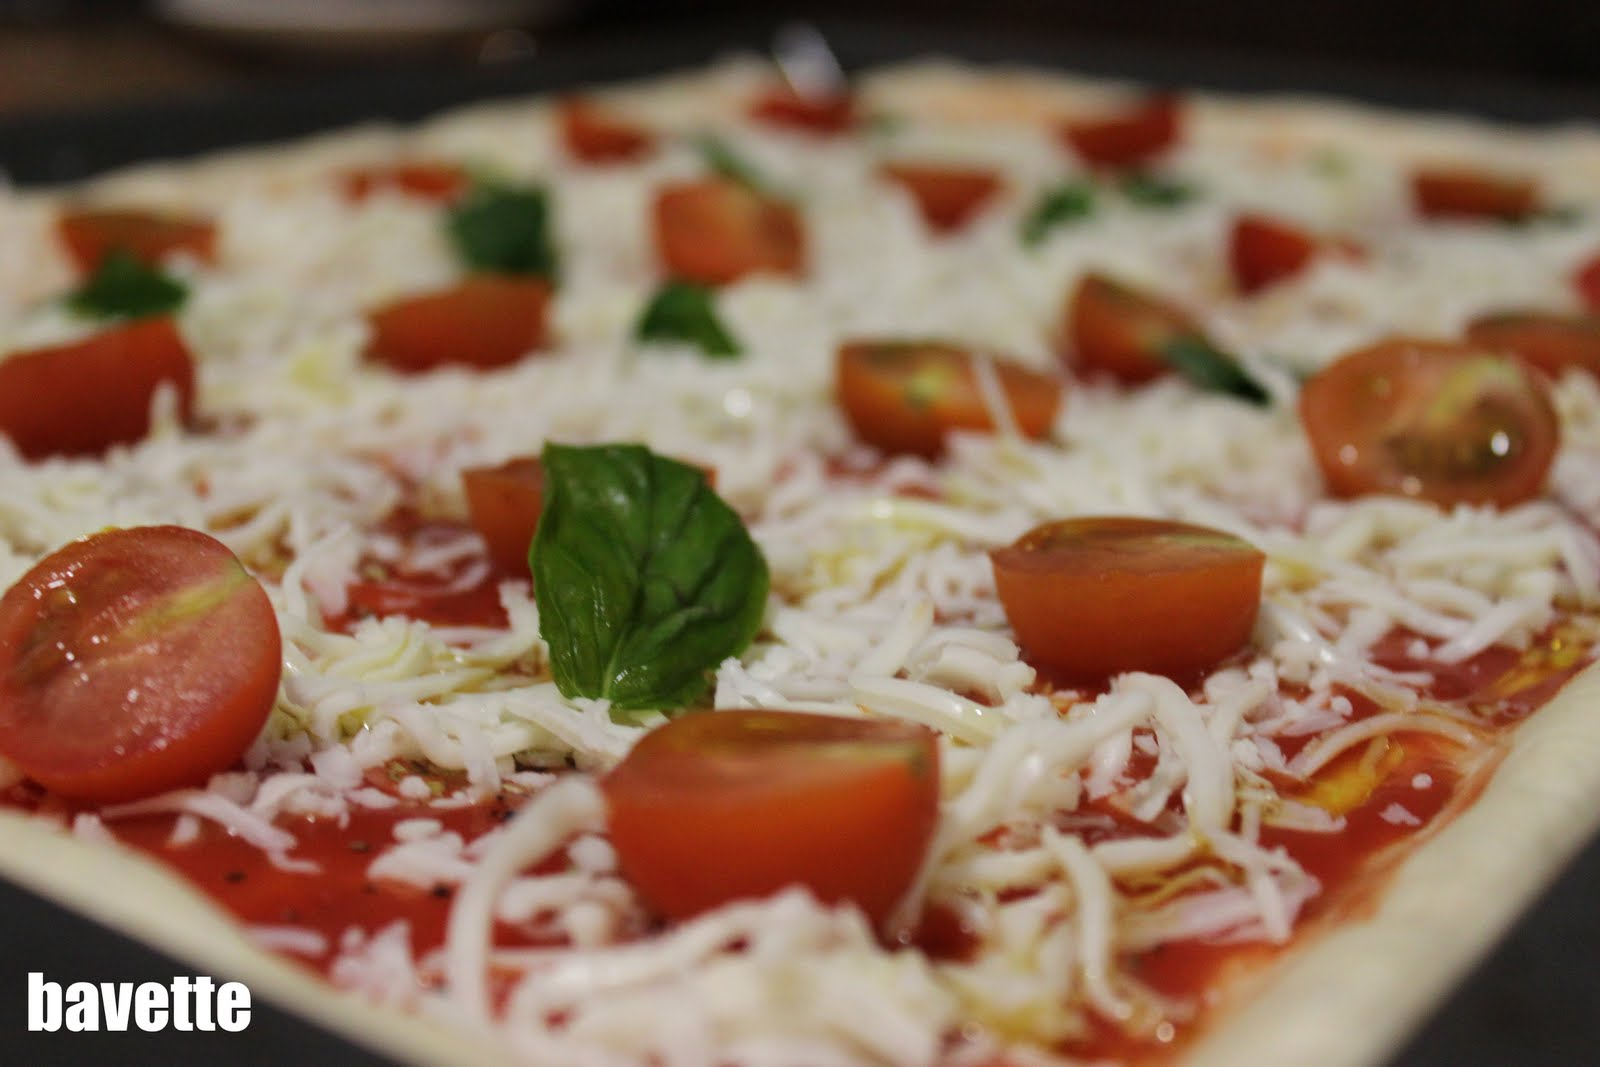 Pizza al taglio margerita